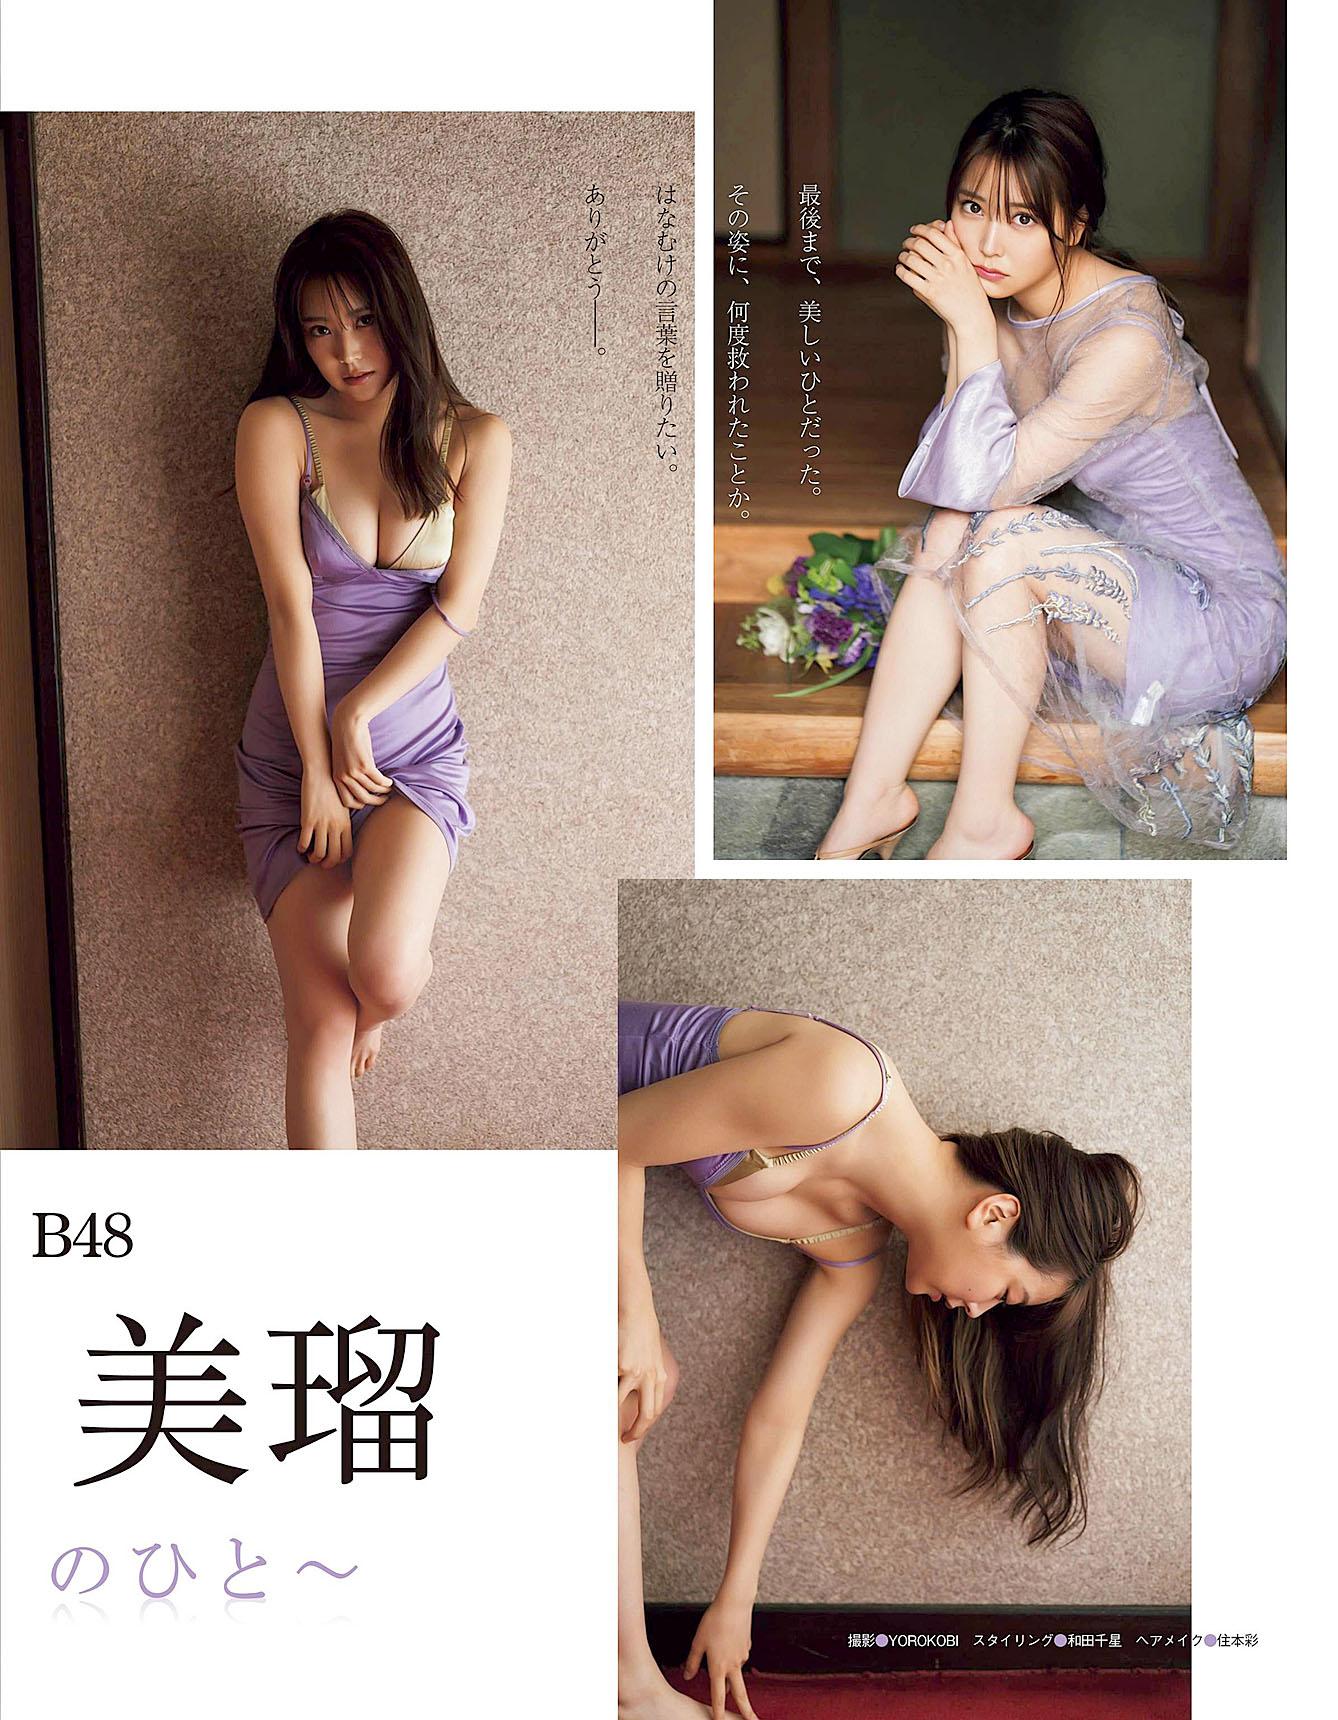 Miru Shiroma EX-Taishu 2106 04a.jpg